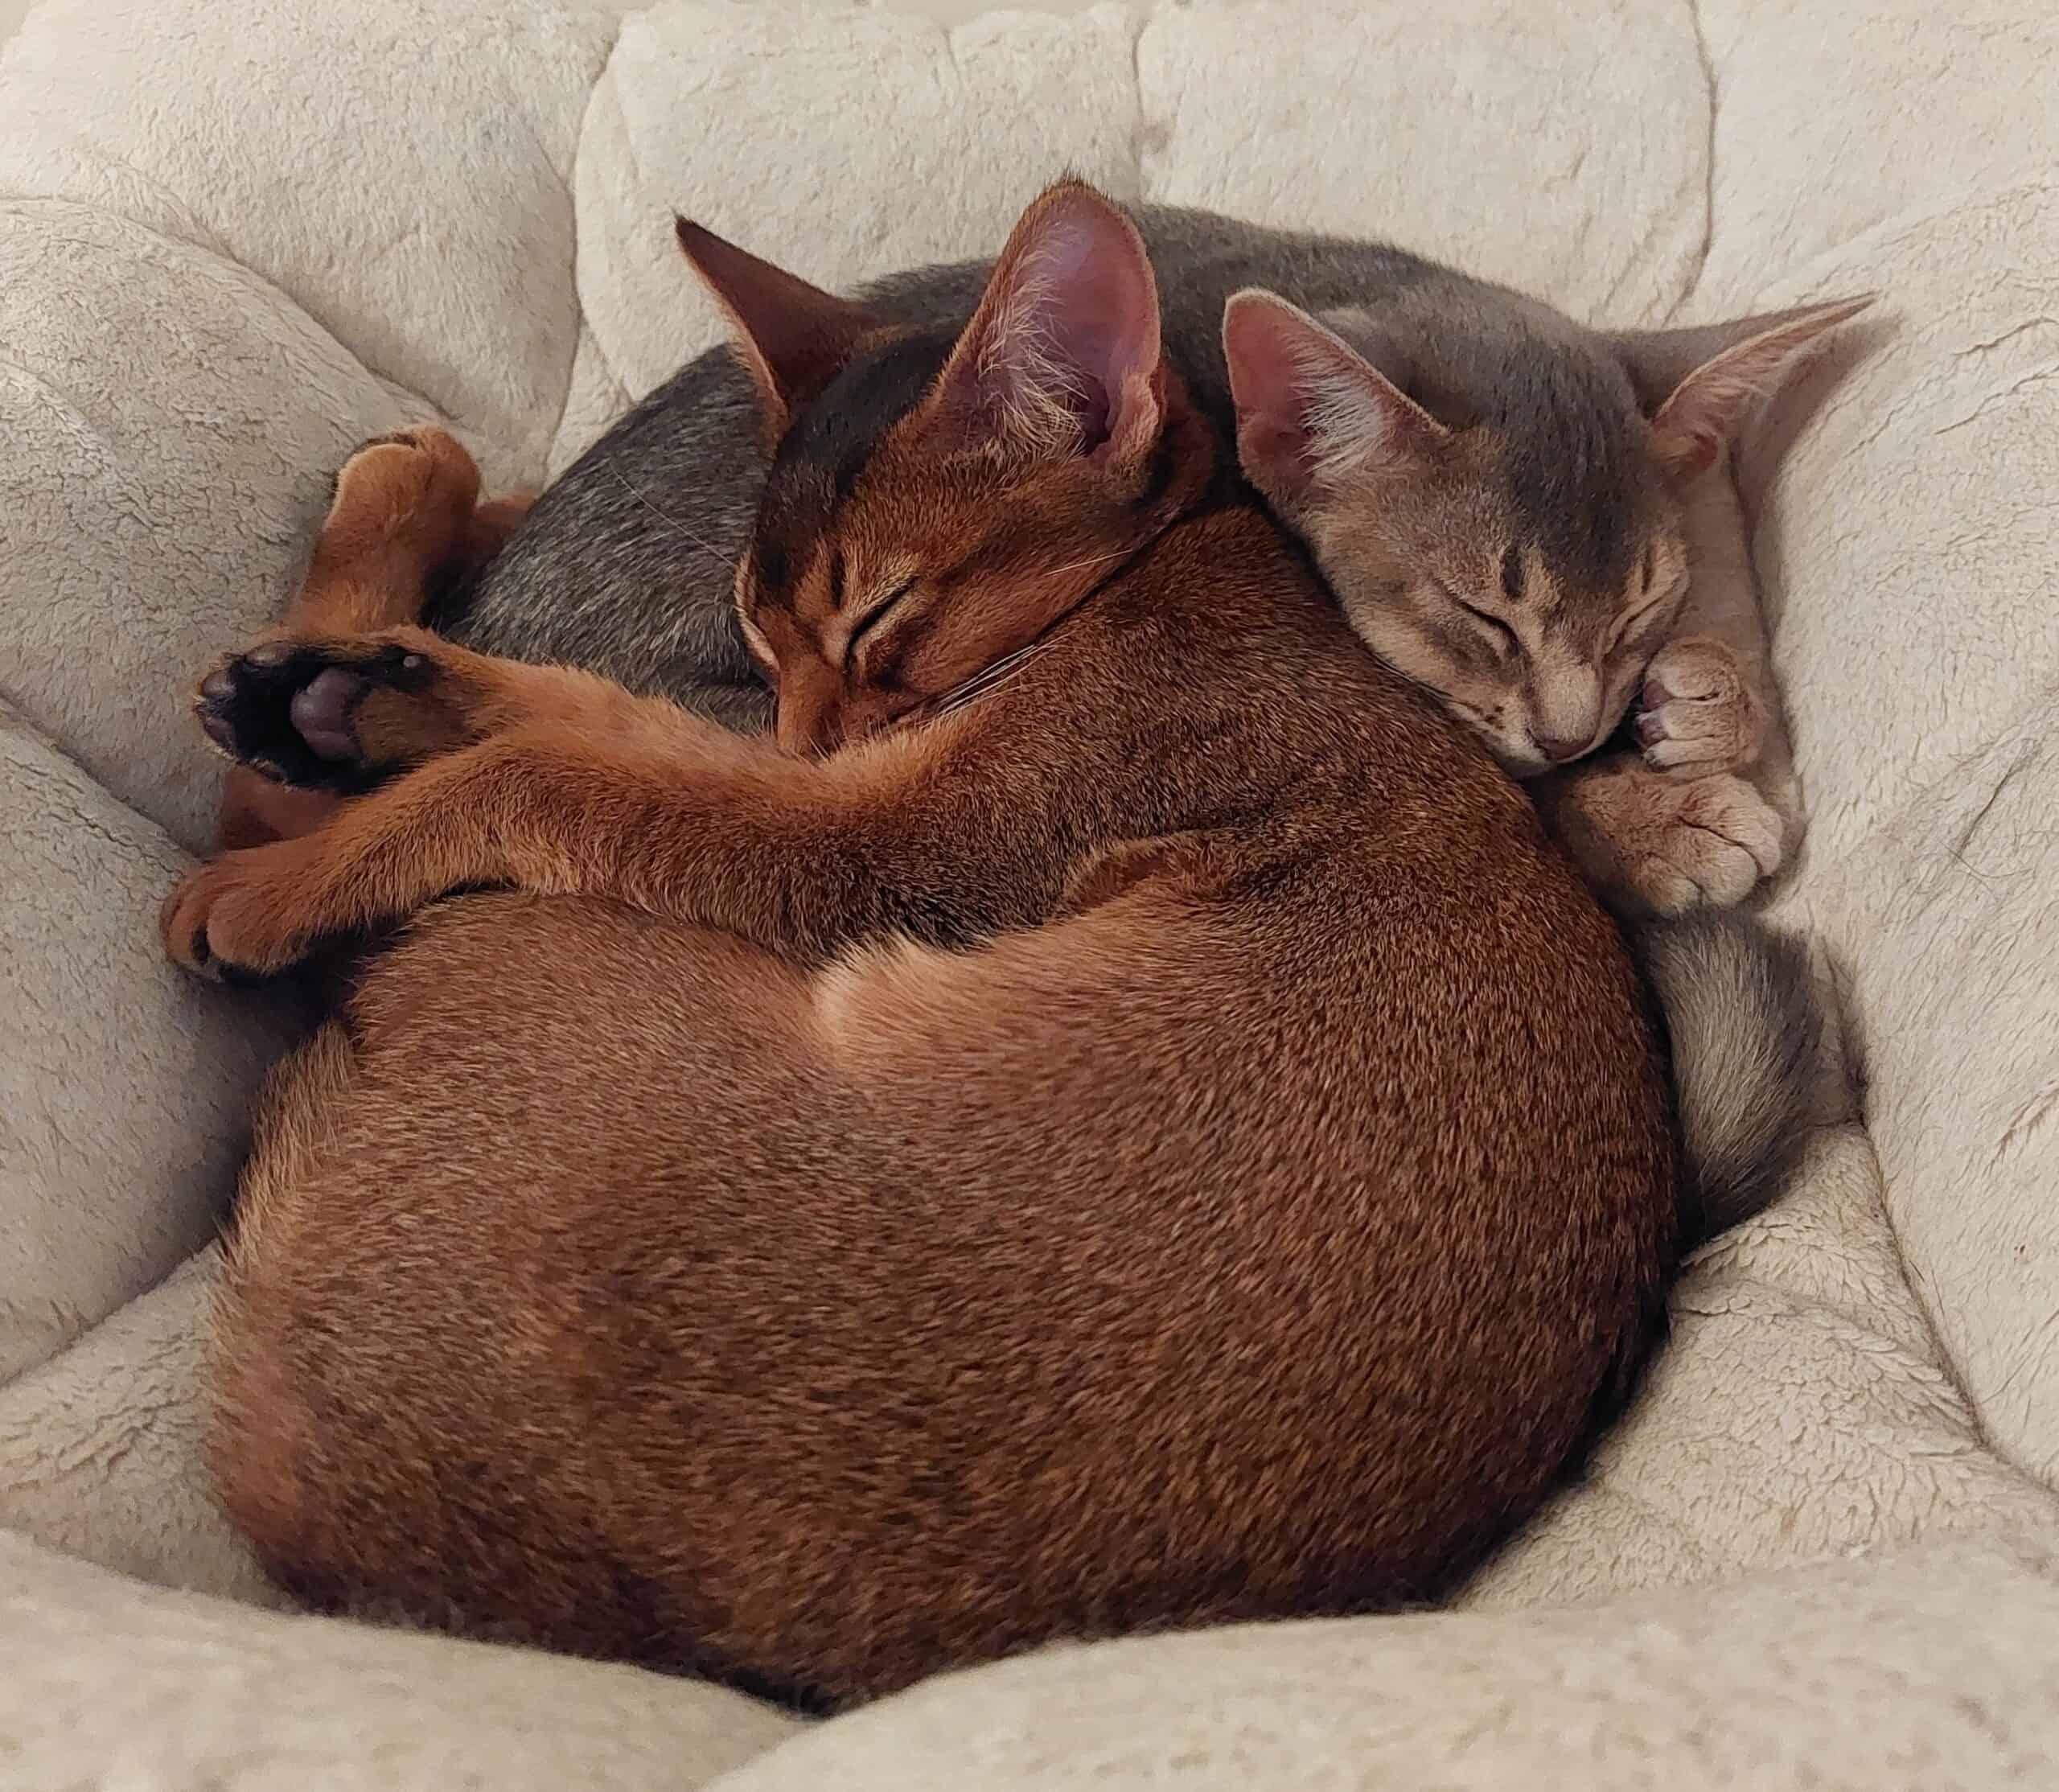 Två katter sover